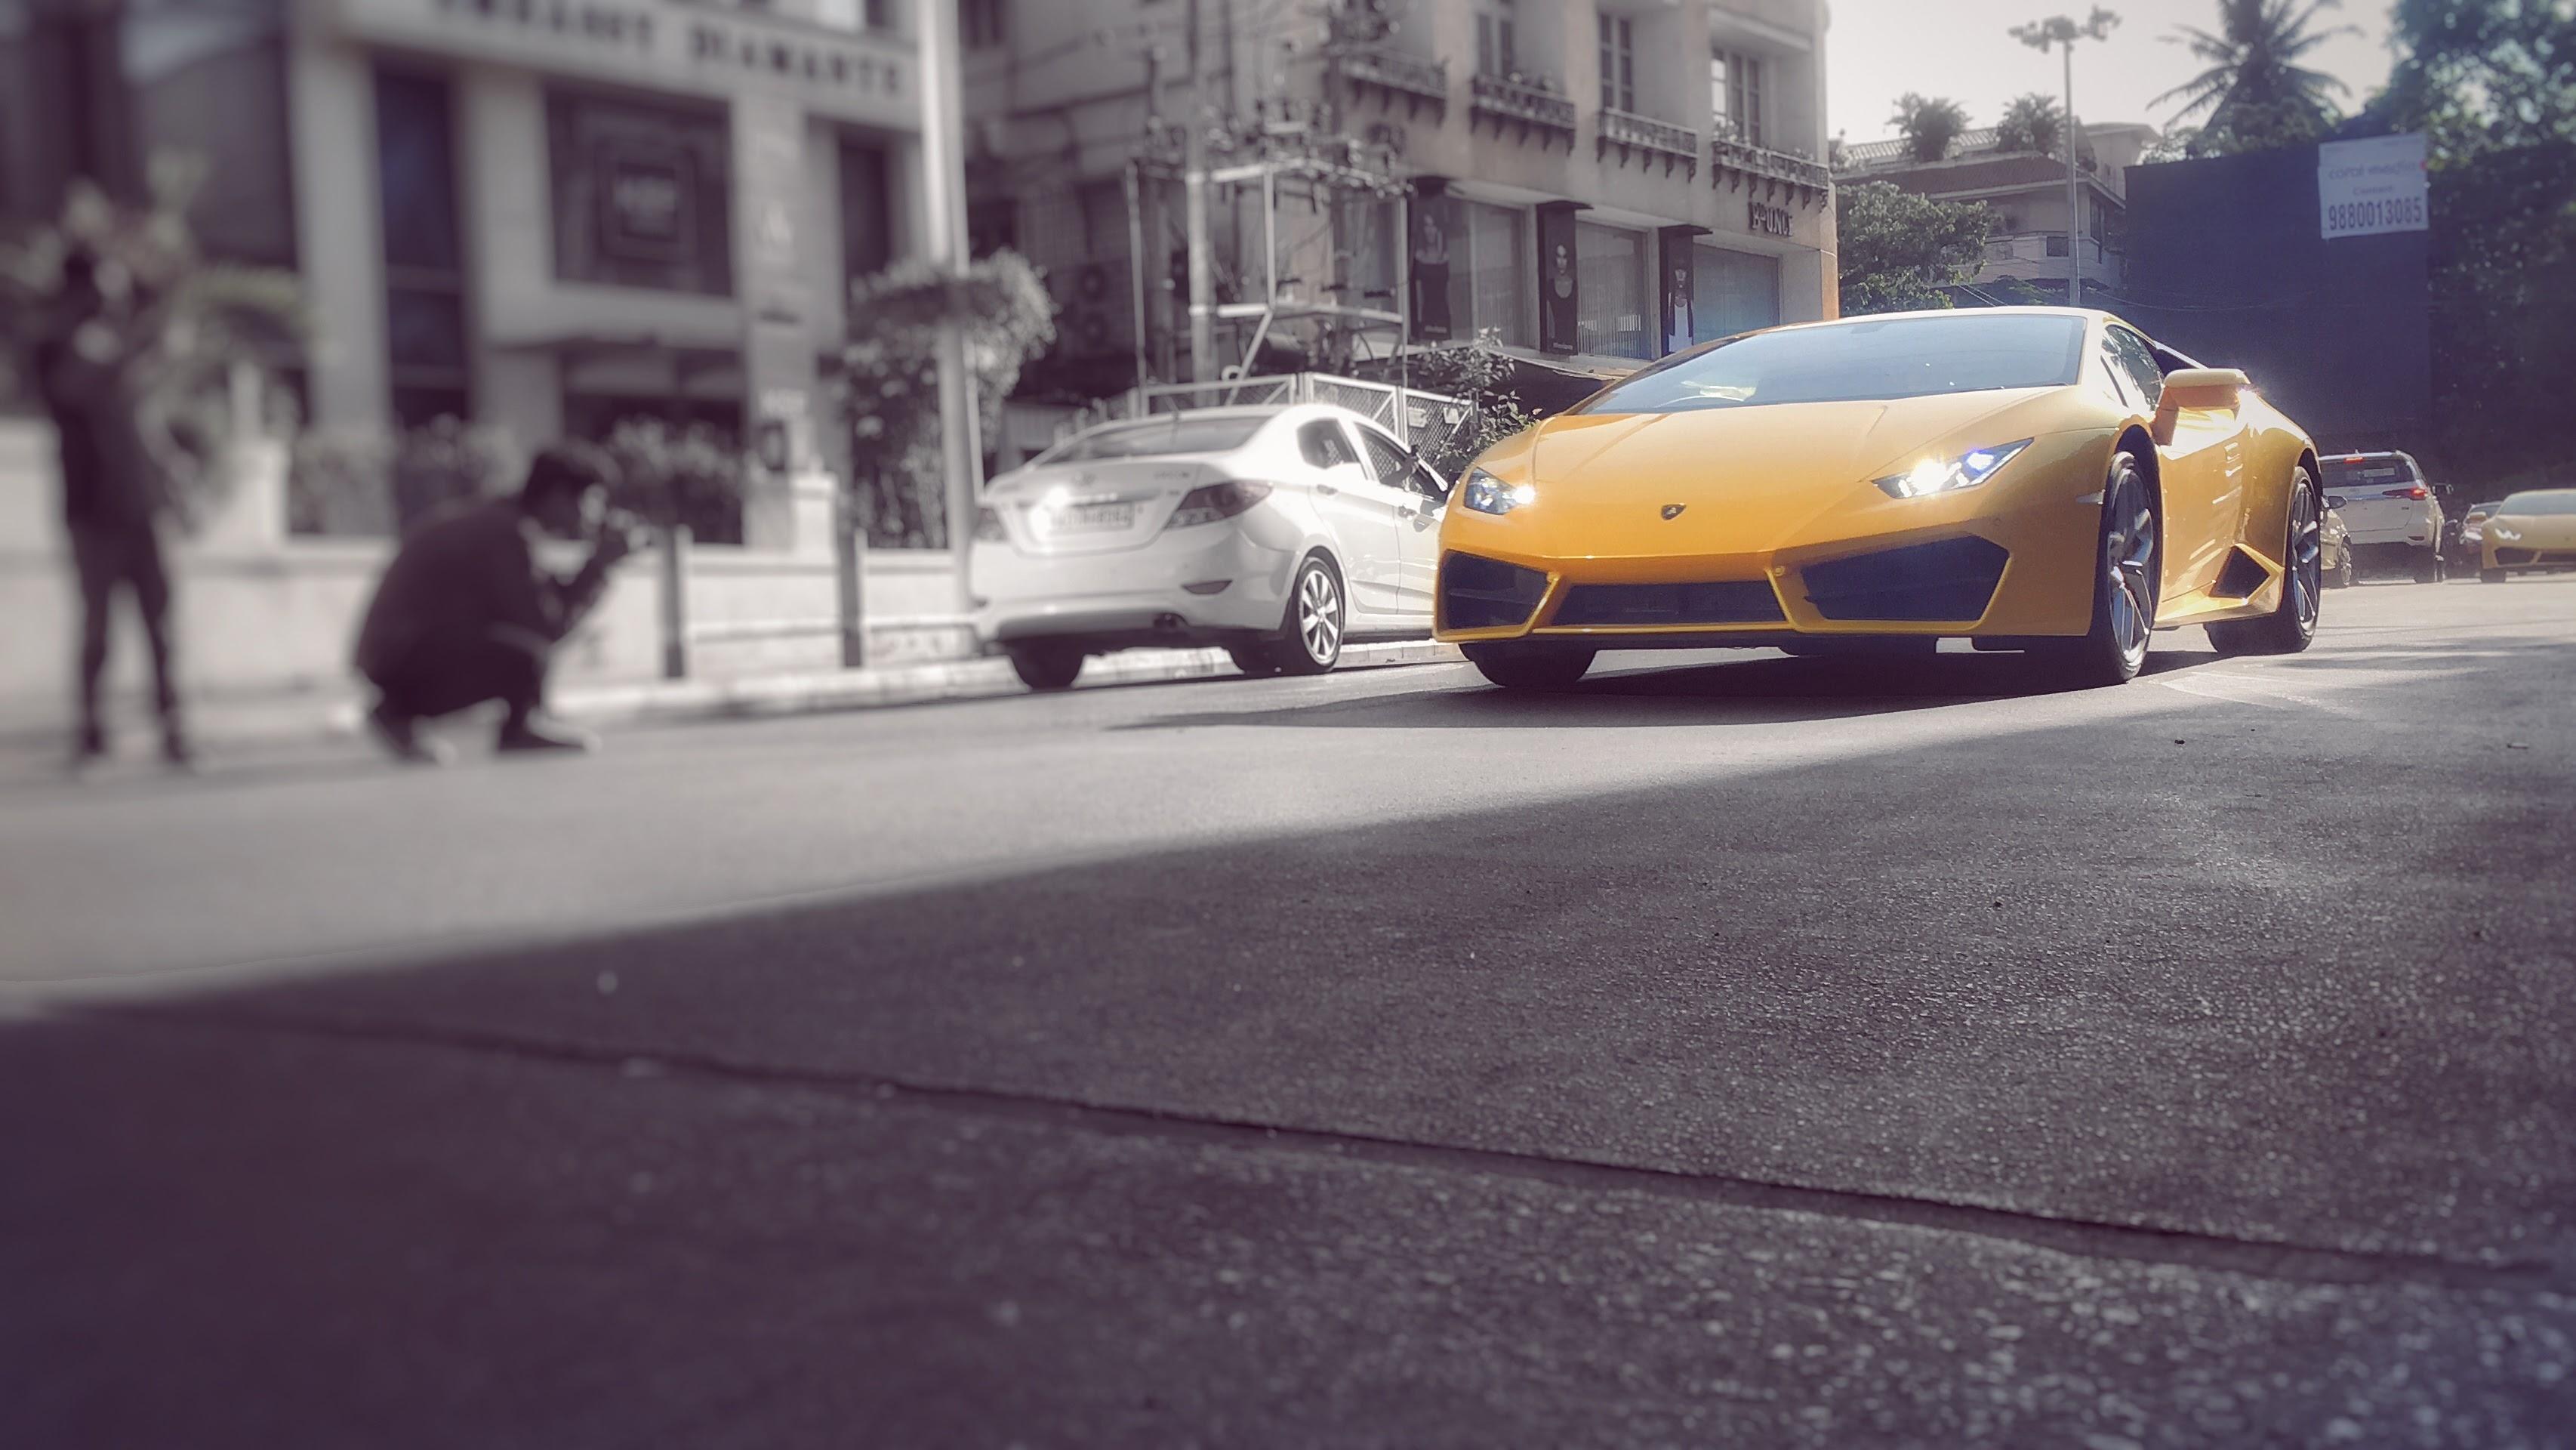 Street Shutterbugs Shoot Lamborghini Huracan